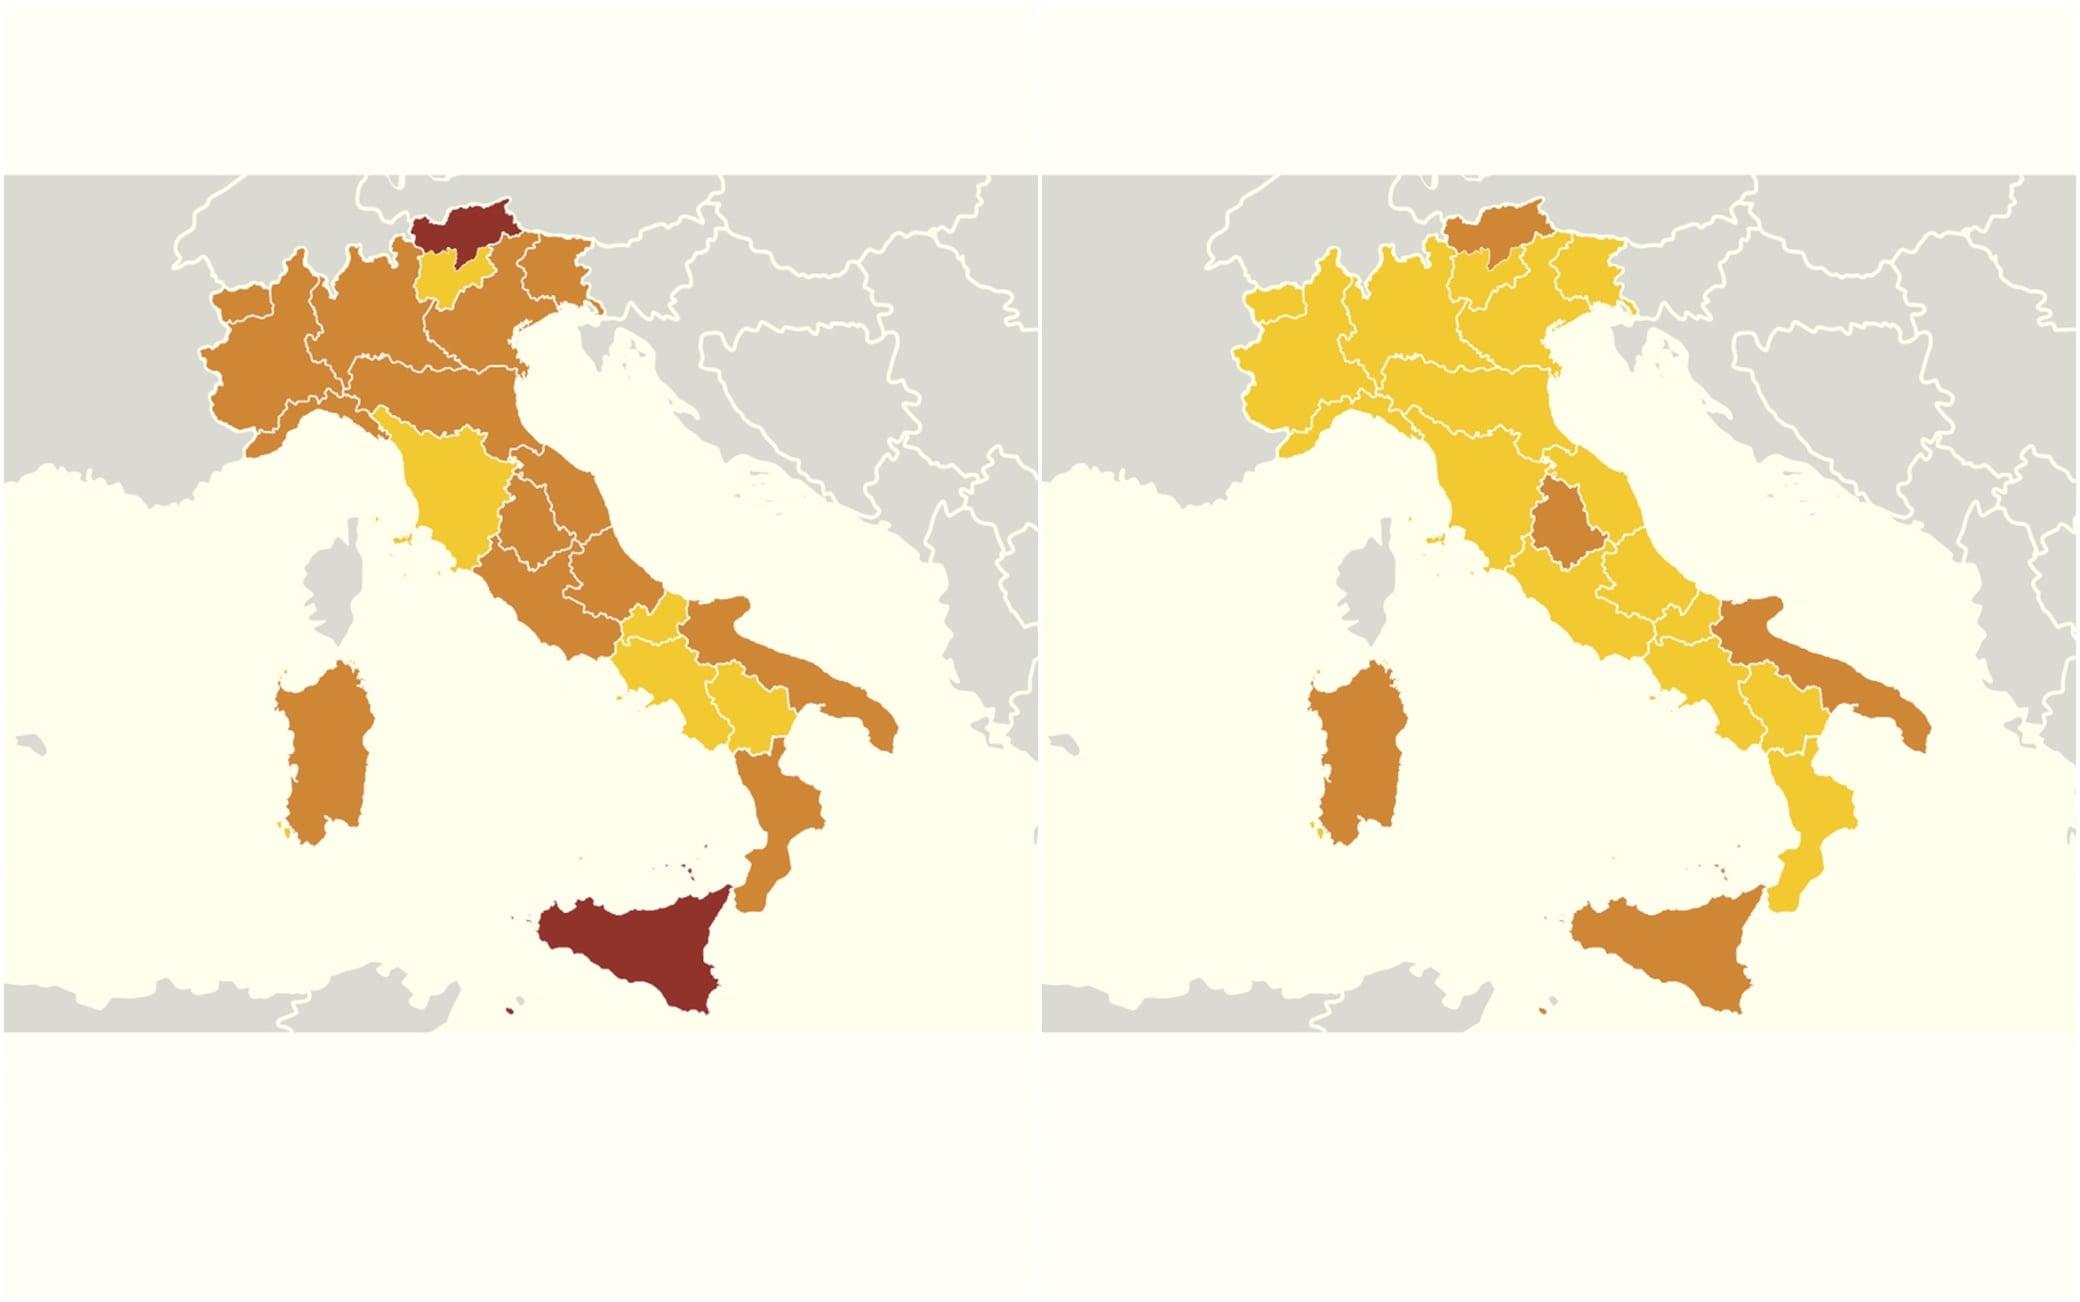 Cartina Lombardia Da Colorare.Le Regioni Che Cambiano Colore Da Lunedi 1 Febbraio Le Nuove Zone